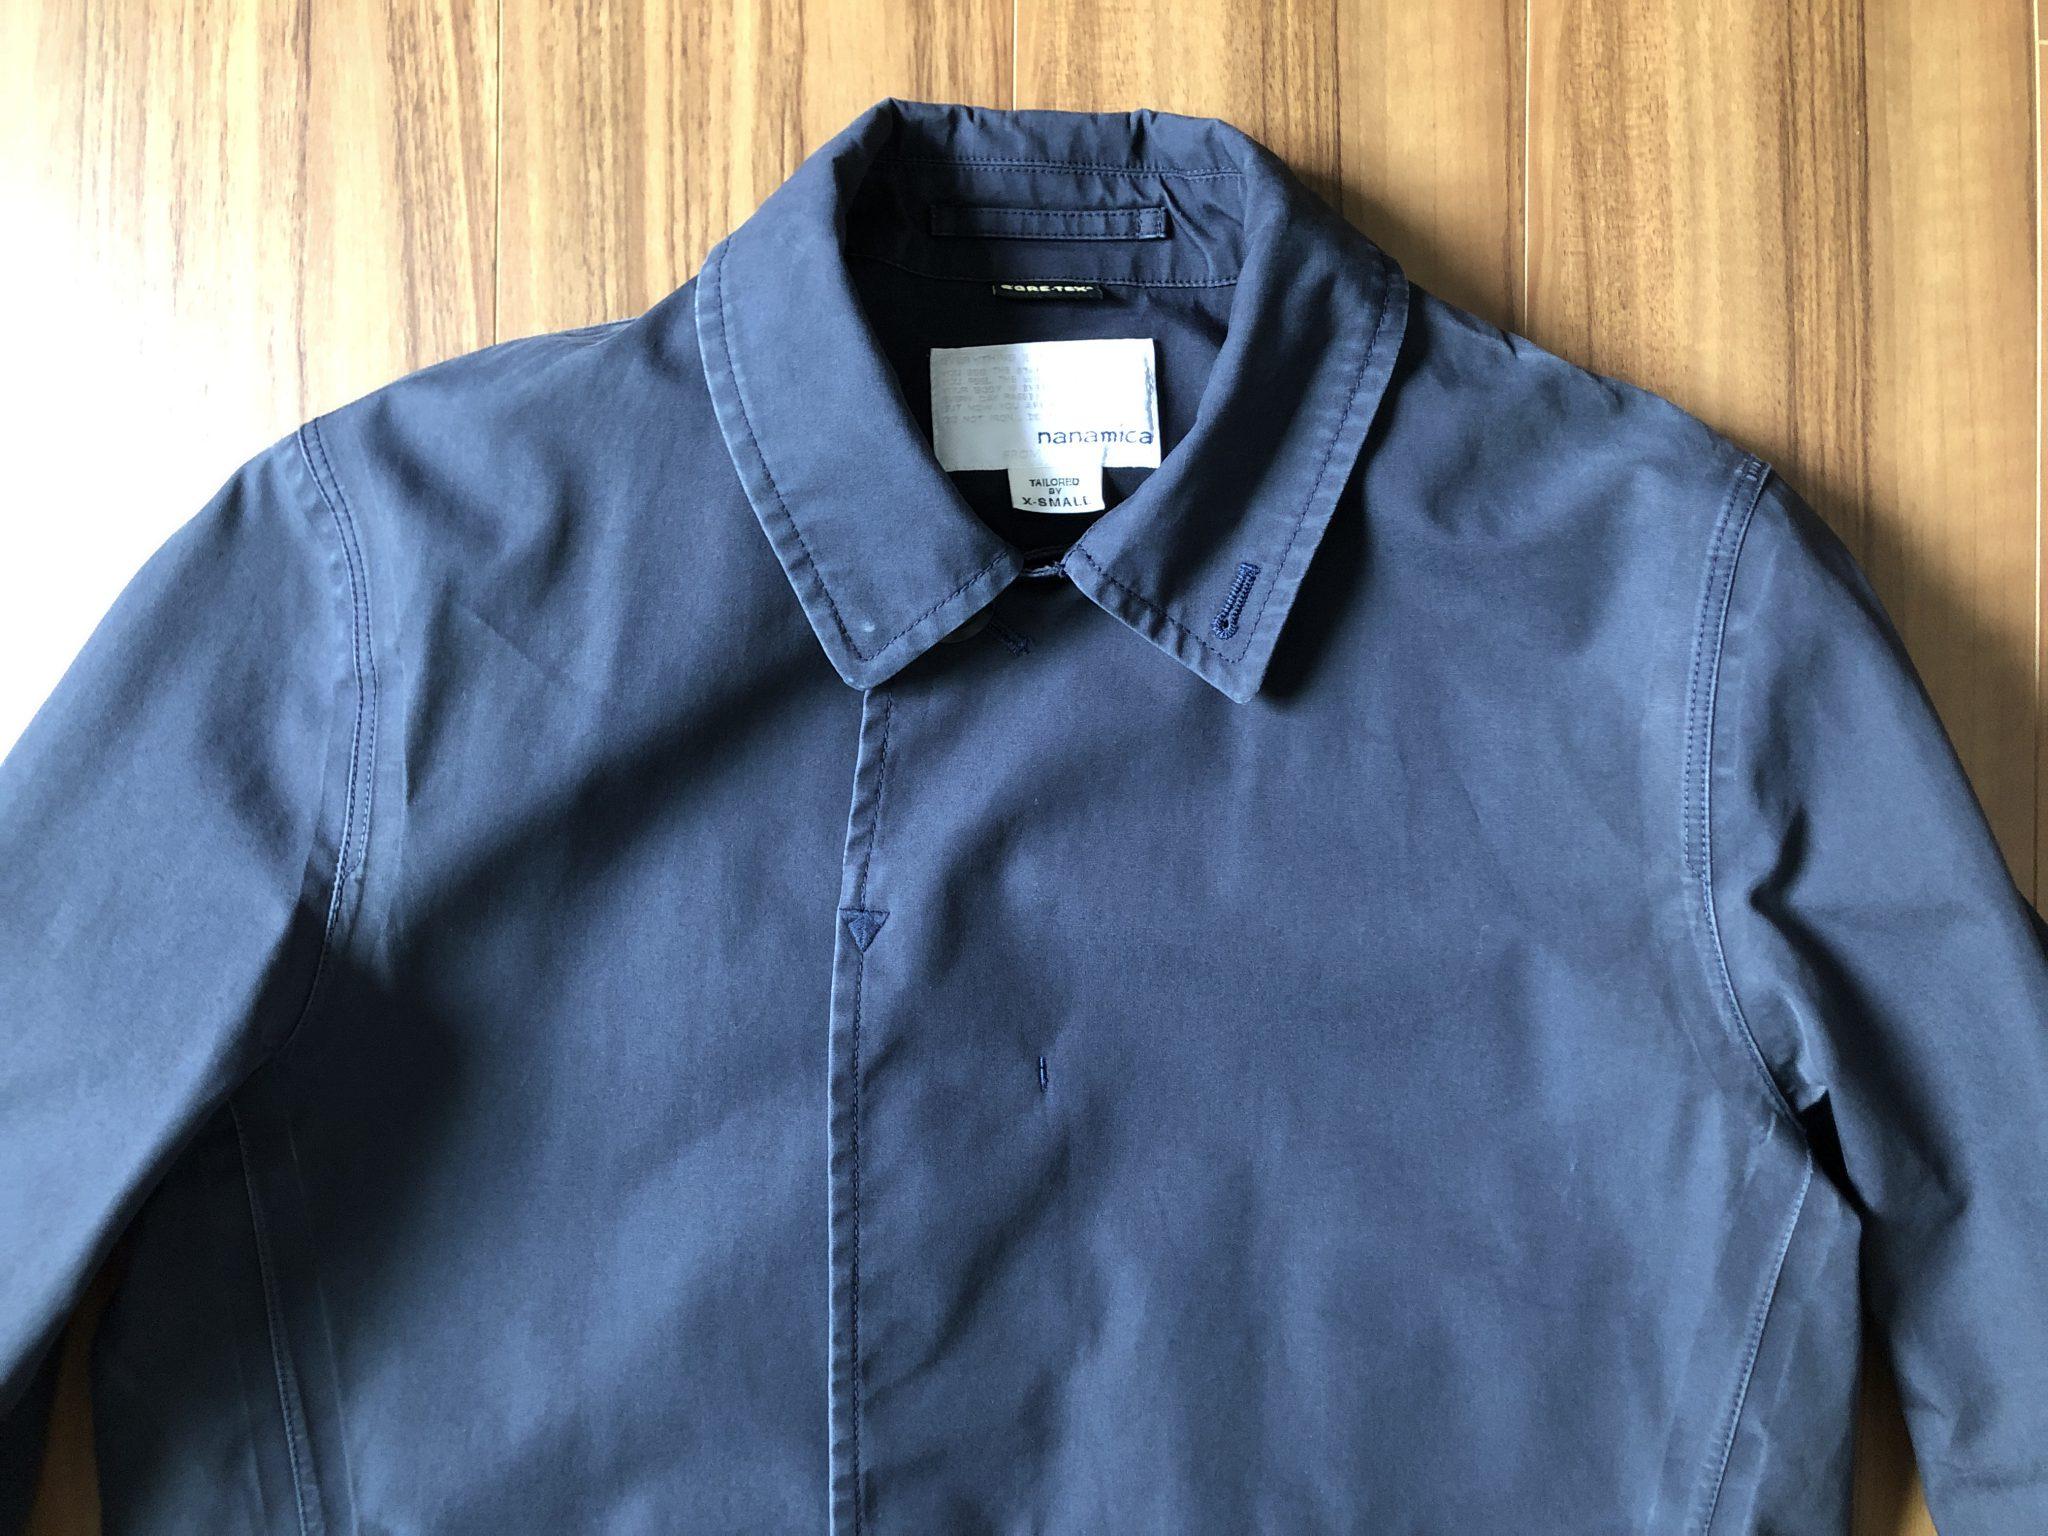 ナナミカ コットンゴアテックス nanamica GORE-TEX クルーザージャケット エイジング 経年変化 ステンカラーコート ネイビー 2年 胸元